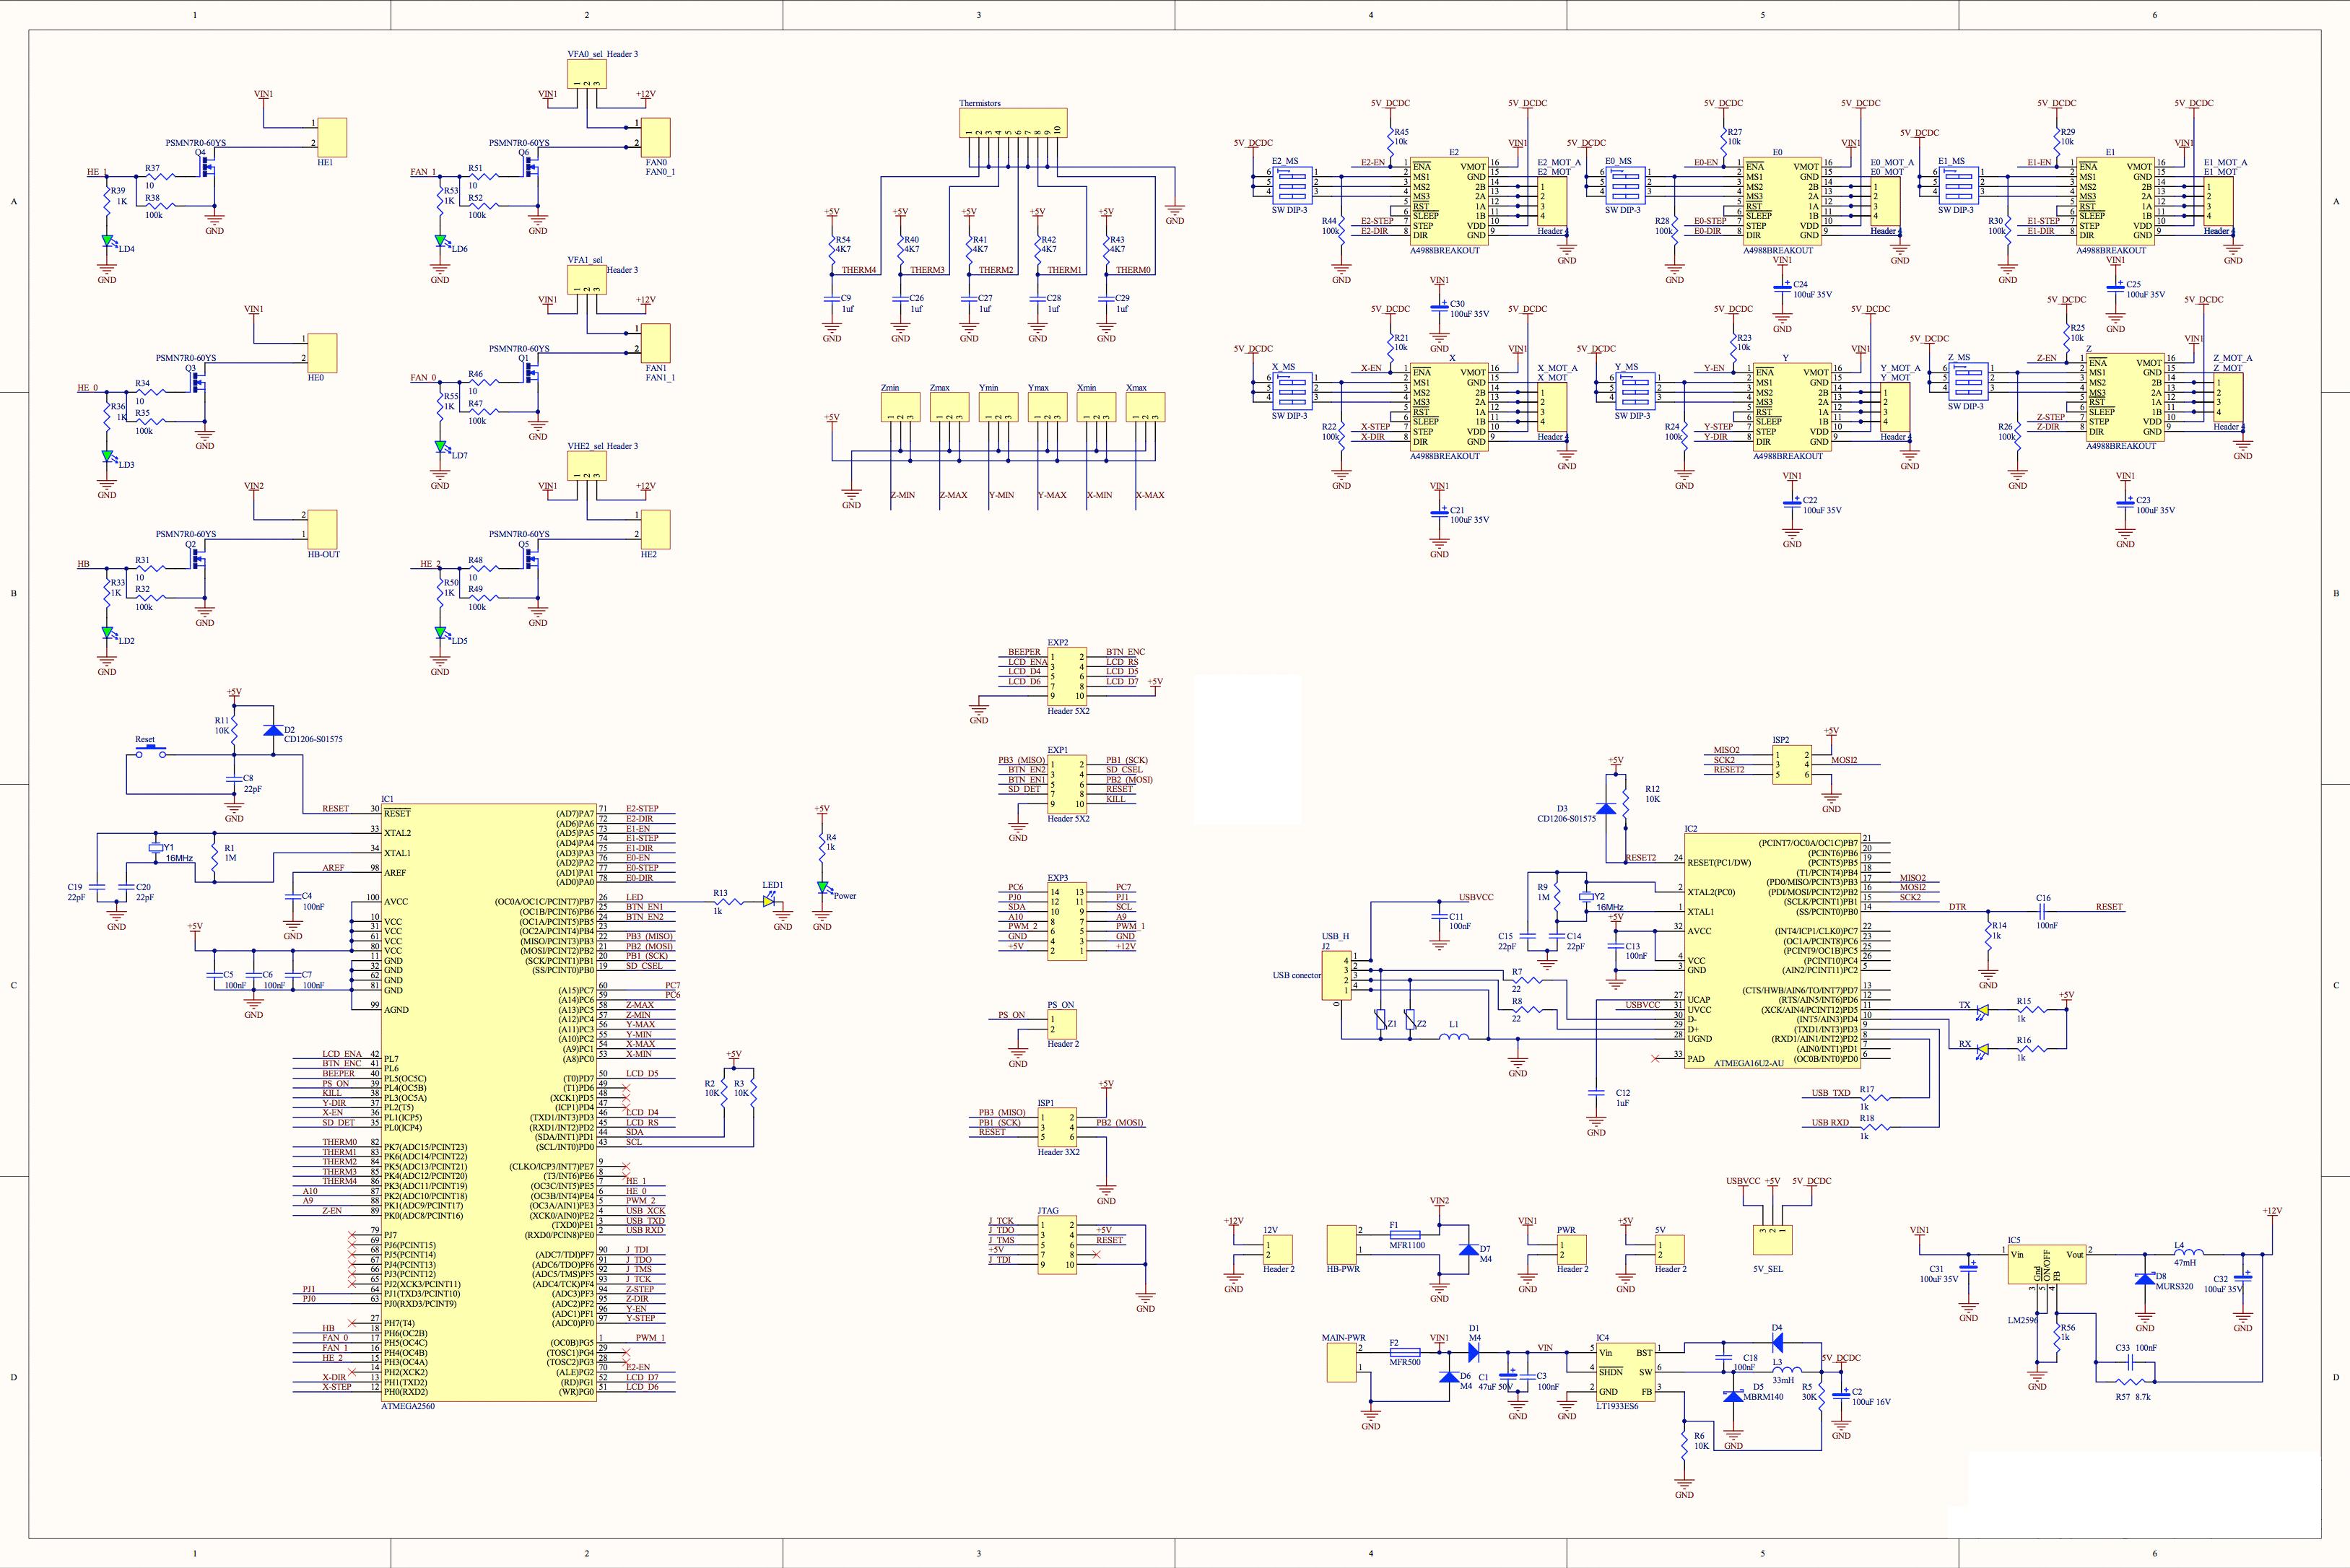 Strom von USB und Spannungsregler - Mikrocontroller.net